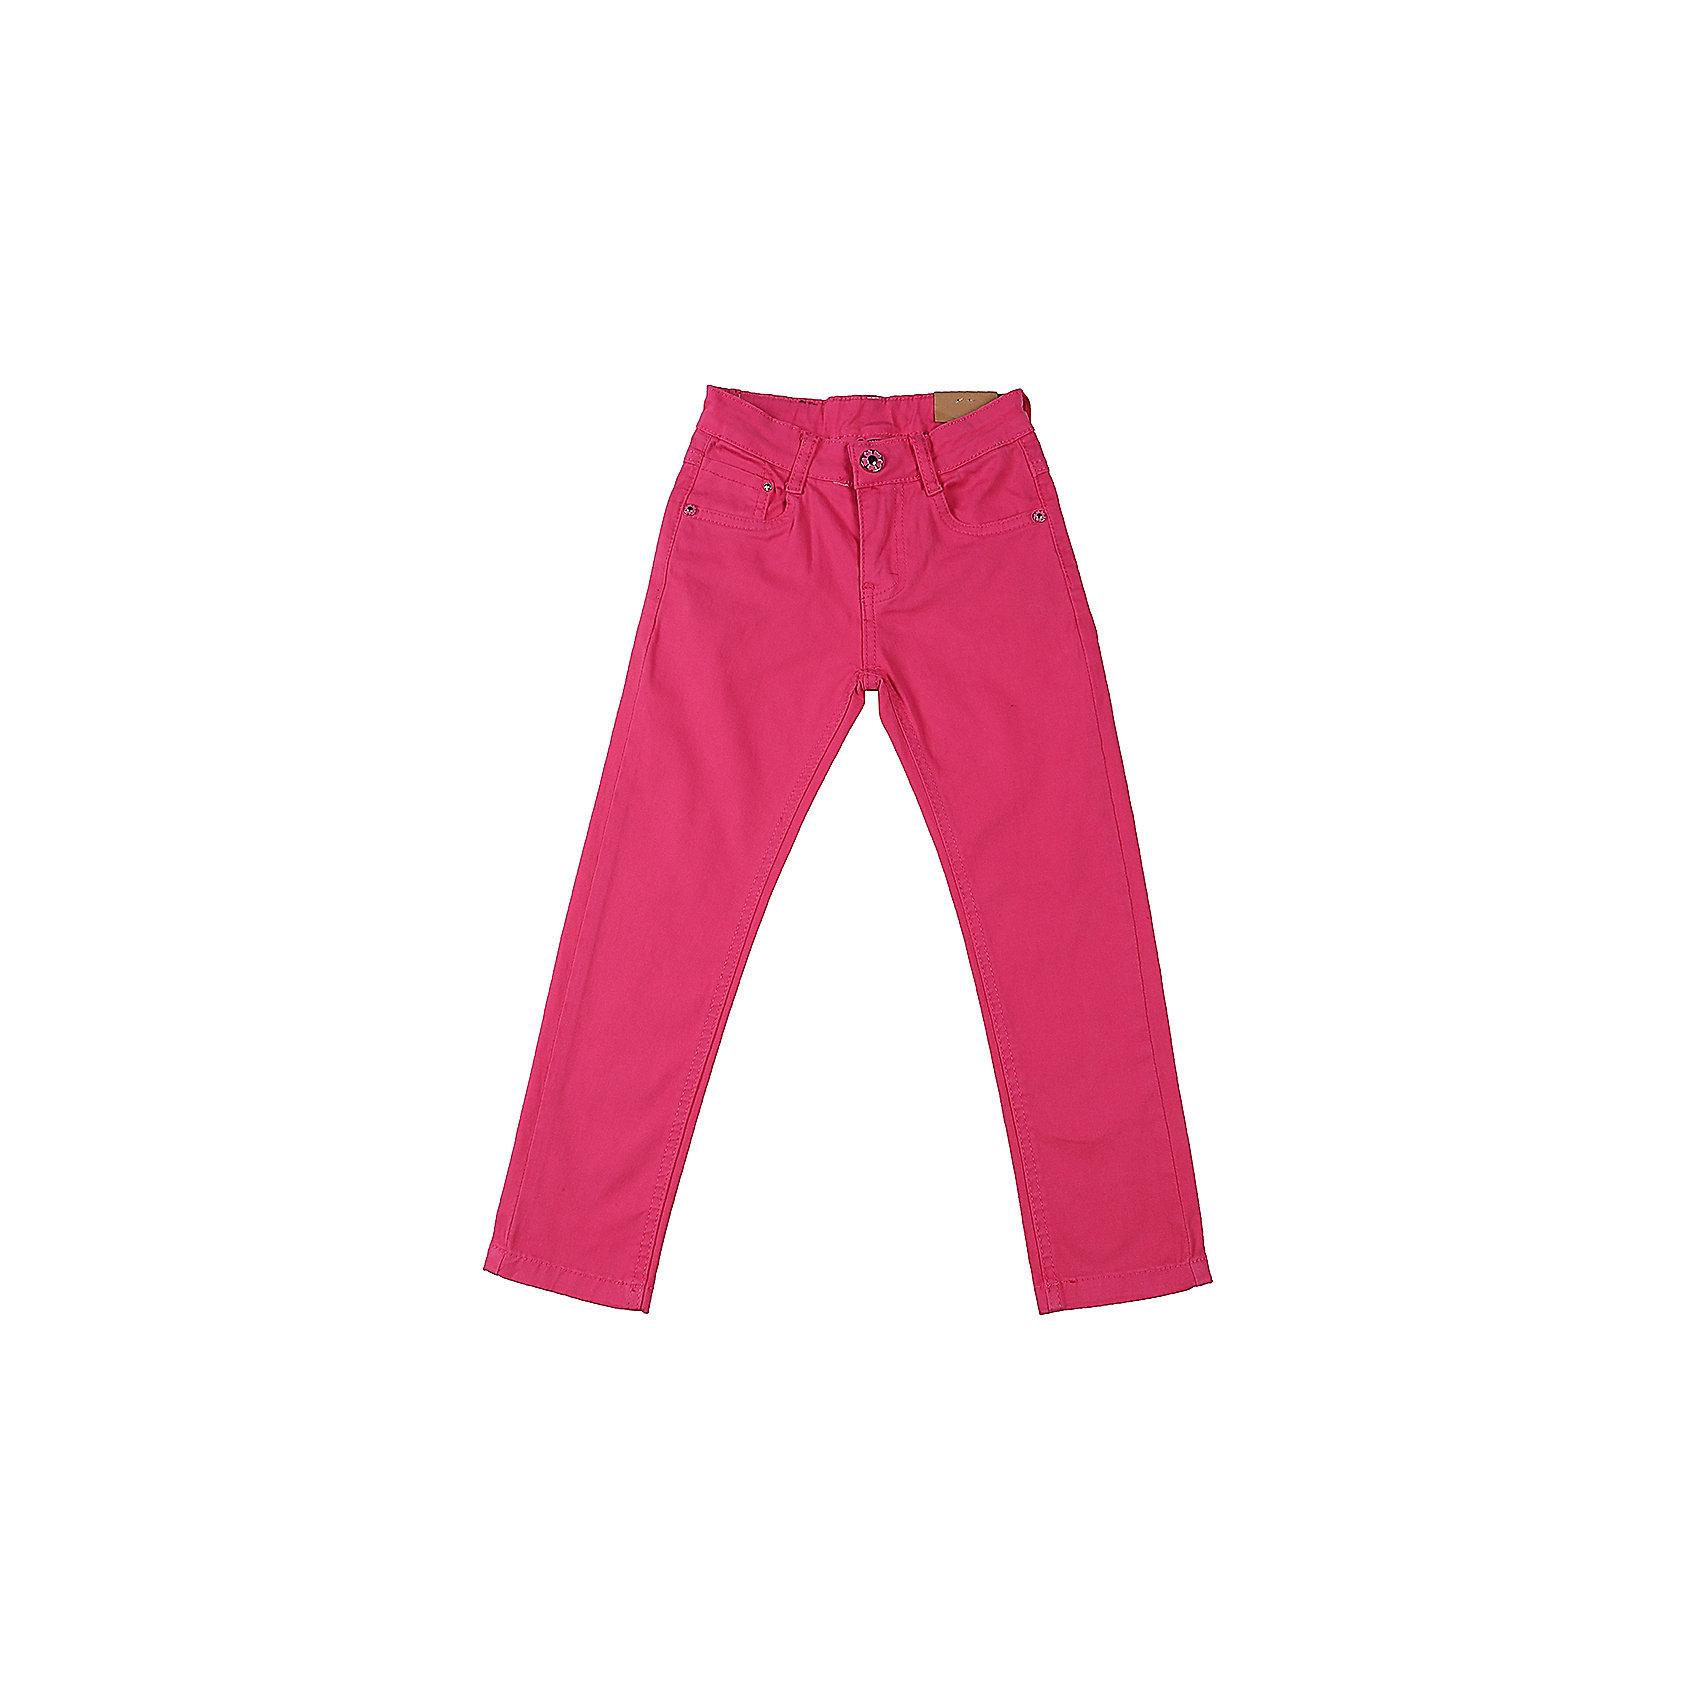 Брюки для девочки Sweet BerryБрюки<br>Джинсовые брюки для девочки модного цвета.  Зауженный крой. Застегиваются на молнию и пуговицу. Шлевки на поясе рассчитаны под ремень. В боковой части пояса находятся вшитые эластичные ленты, регулирующие посадку по талии.<br>Состав:<br>98%хлопок 2%эластан<br><br>Ширина мм: 215<br>Глубина мм: 88<br>Высота мм: 191<br>Вес г: 336<br>Цвет: лиловый<br>Возраст от месяцев: 36<br>Возраст до месяцев: 48<br>Пол: Женский<br>Возраст: Детский<br>Размер: 104,98,110,116,122,128<br>SKU: 5412432